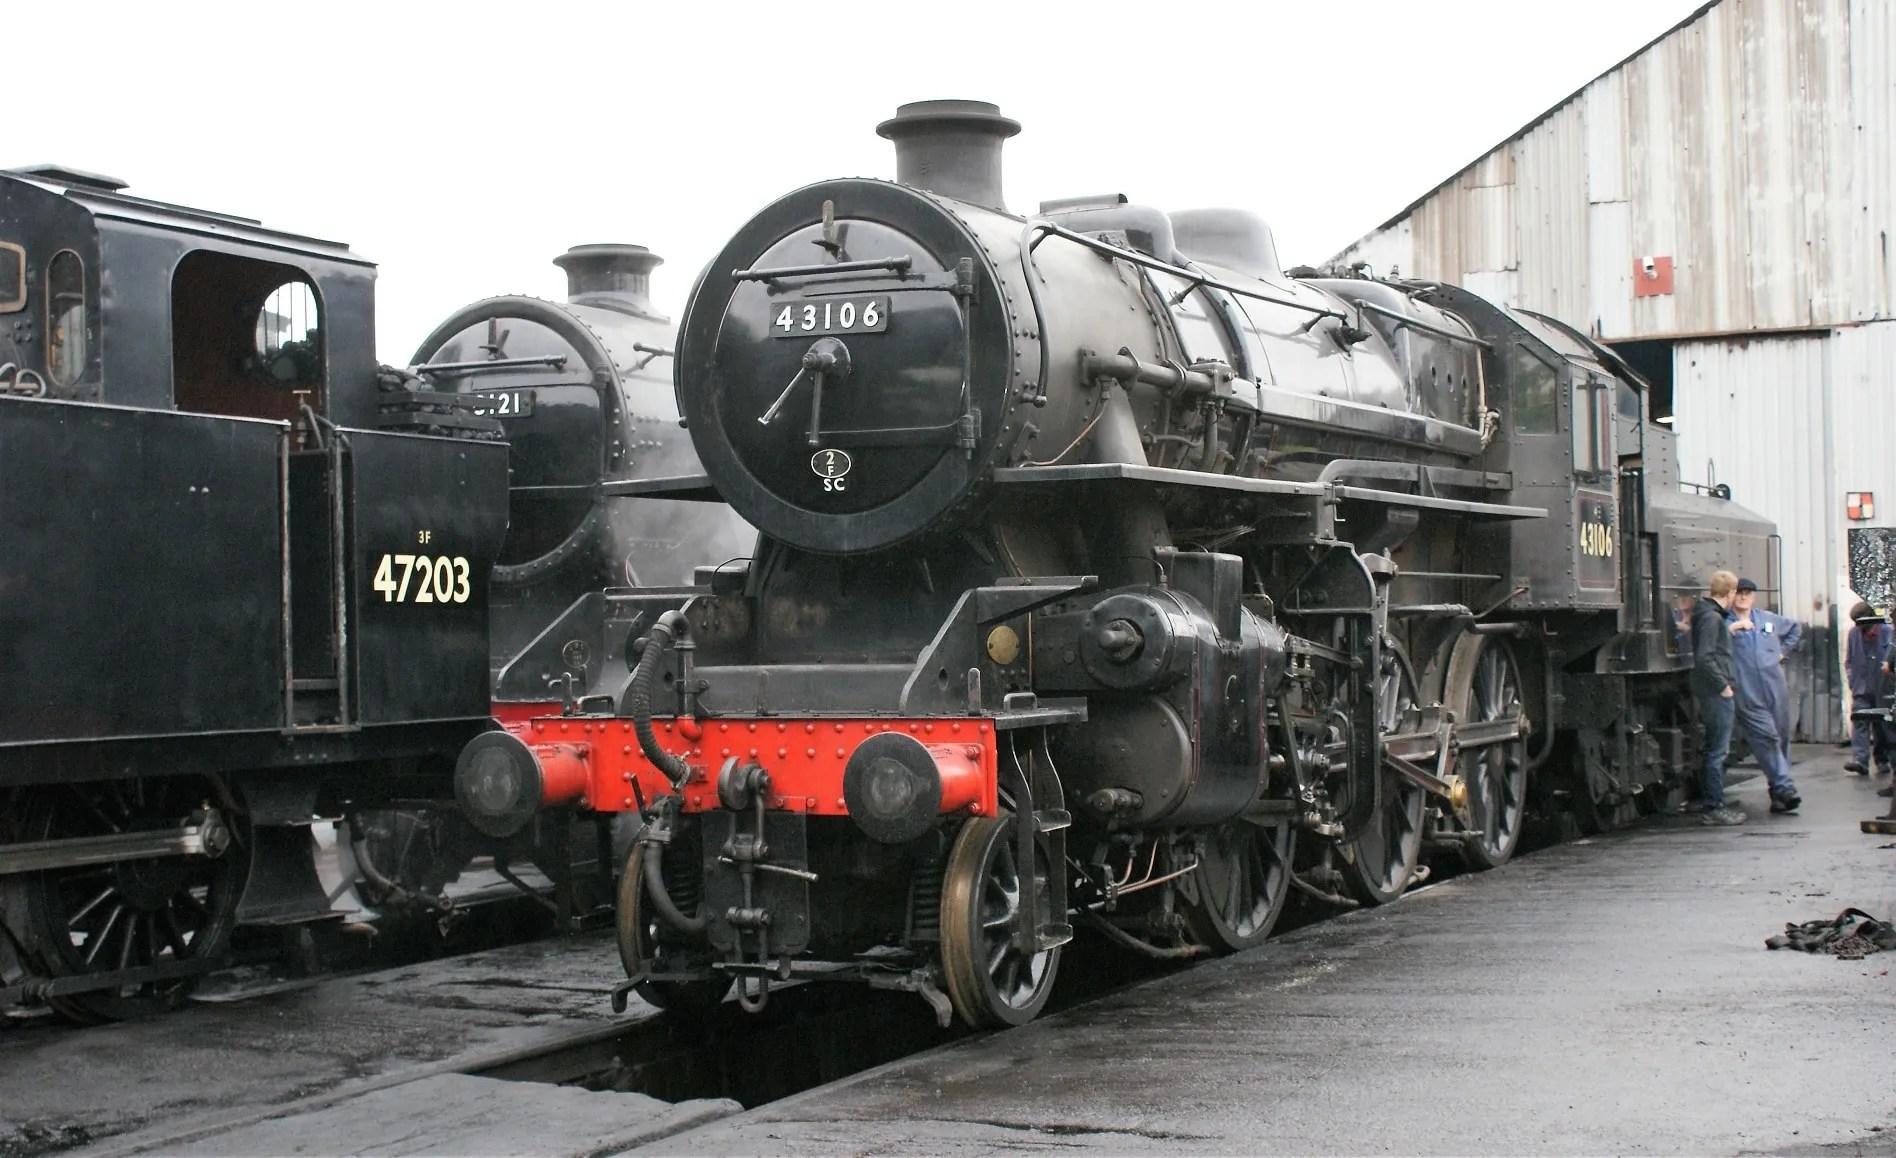 43106 - LMS Ivatt Class 4 - great central railway - railcard